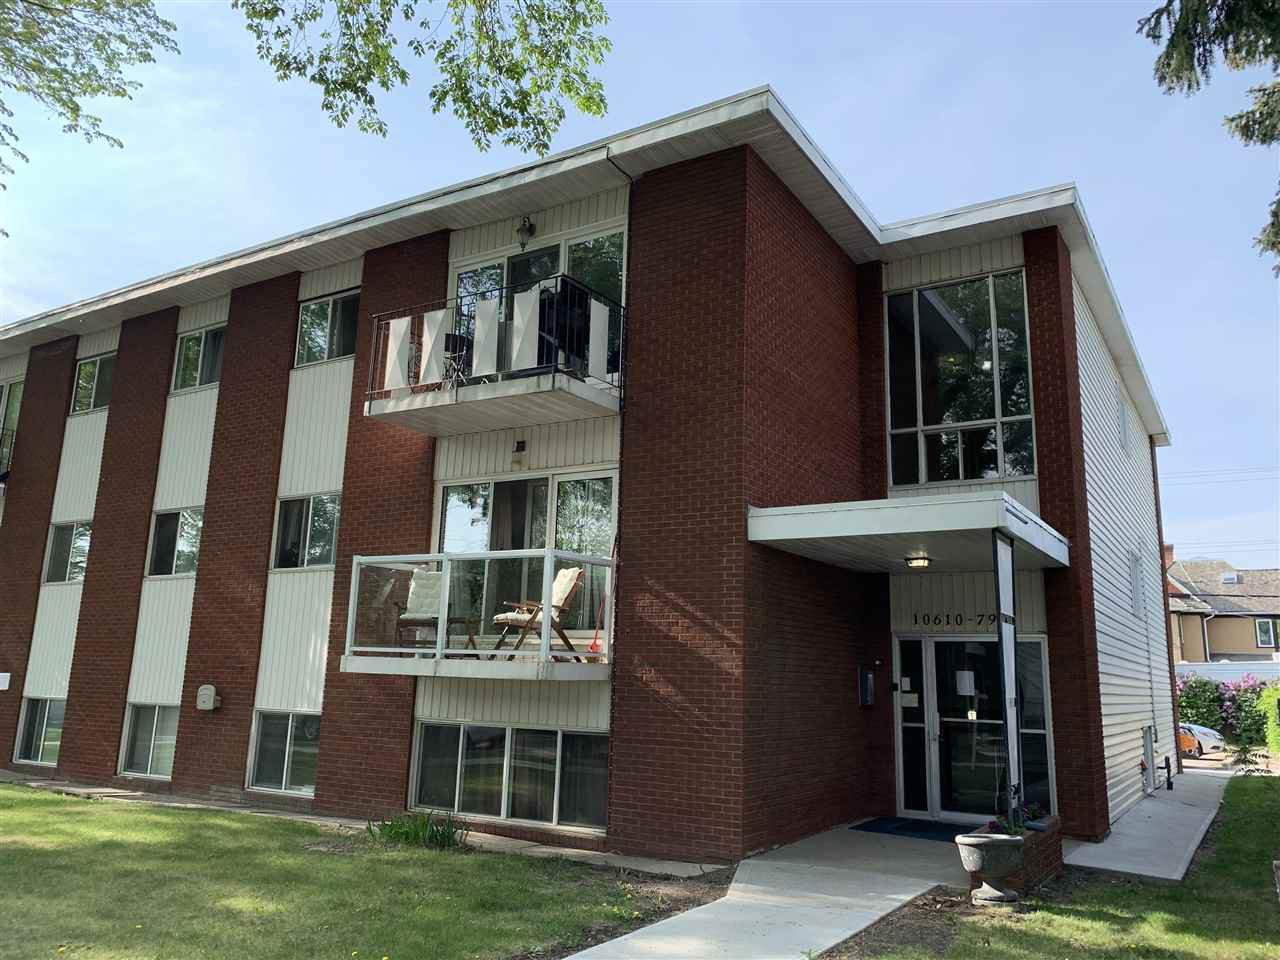 Main Photo: 101 10610 79 Avenue in Edmonton: Zone 15 Condo for sale : MLS®# E4165698